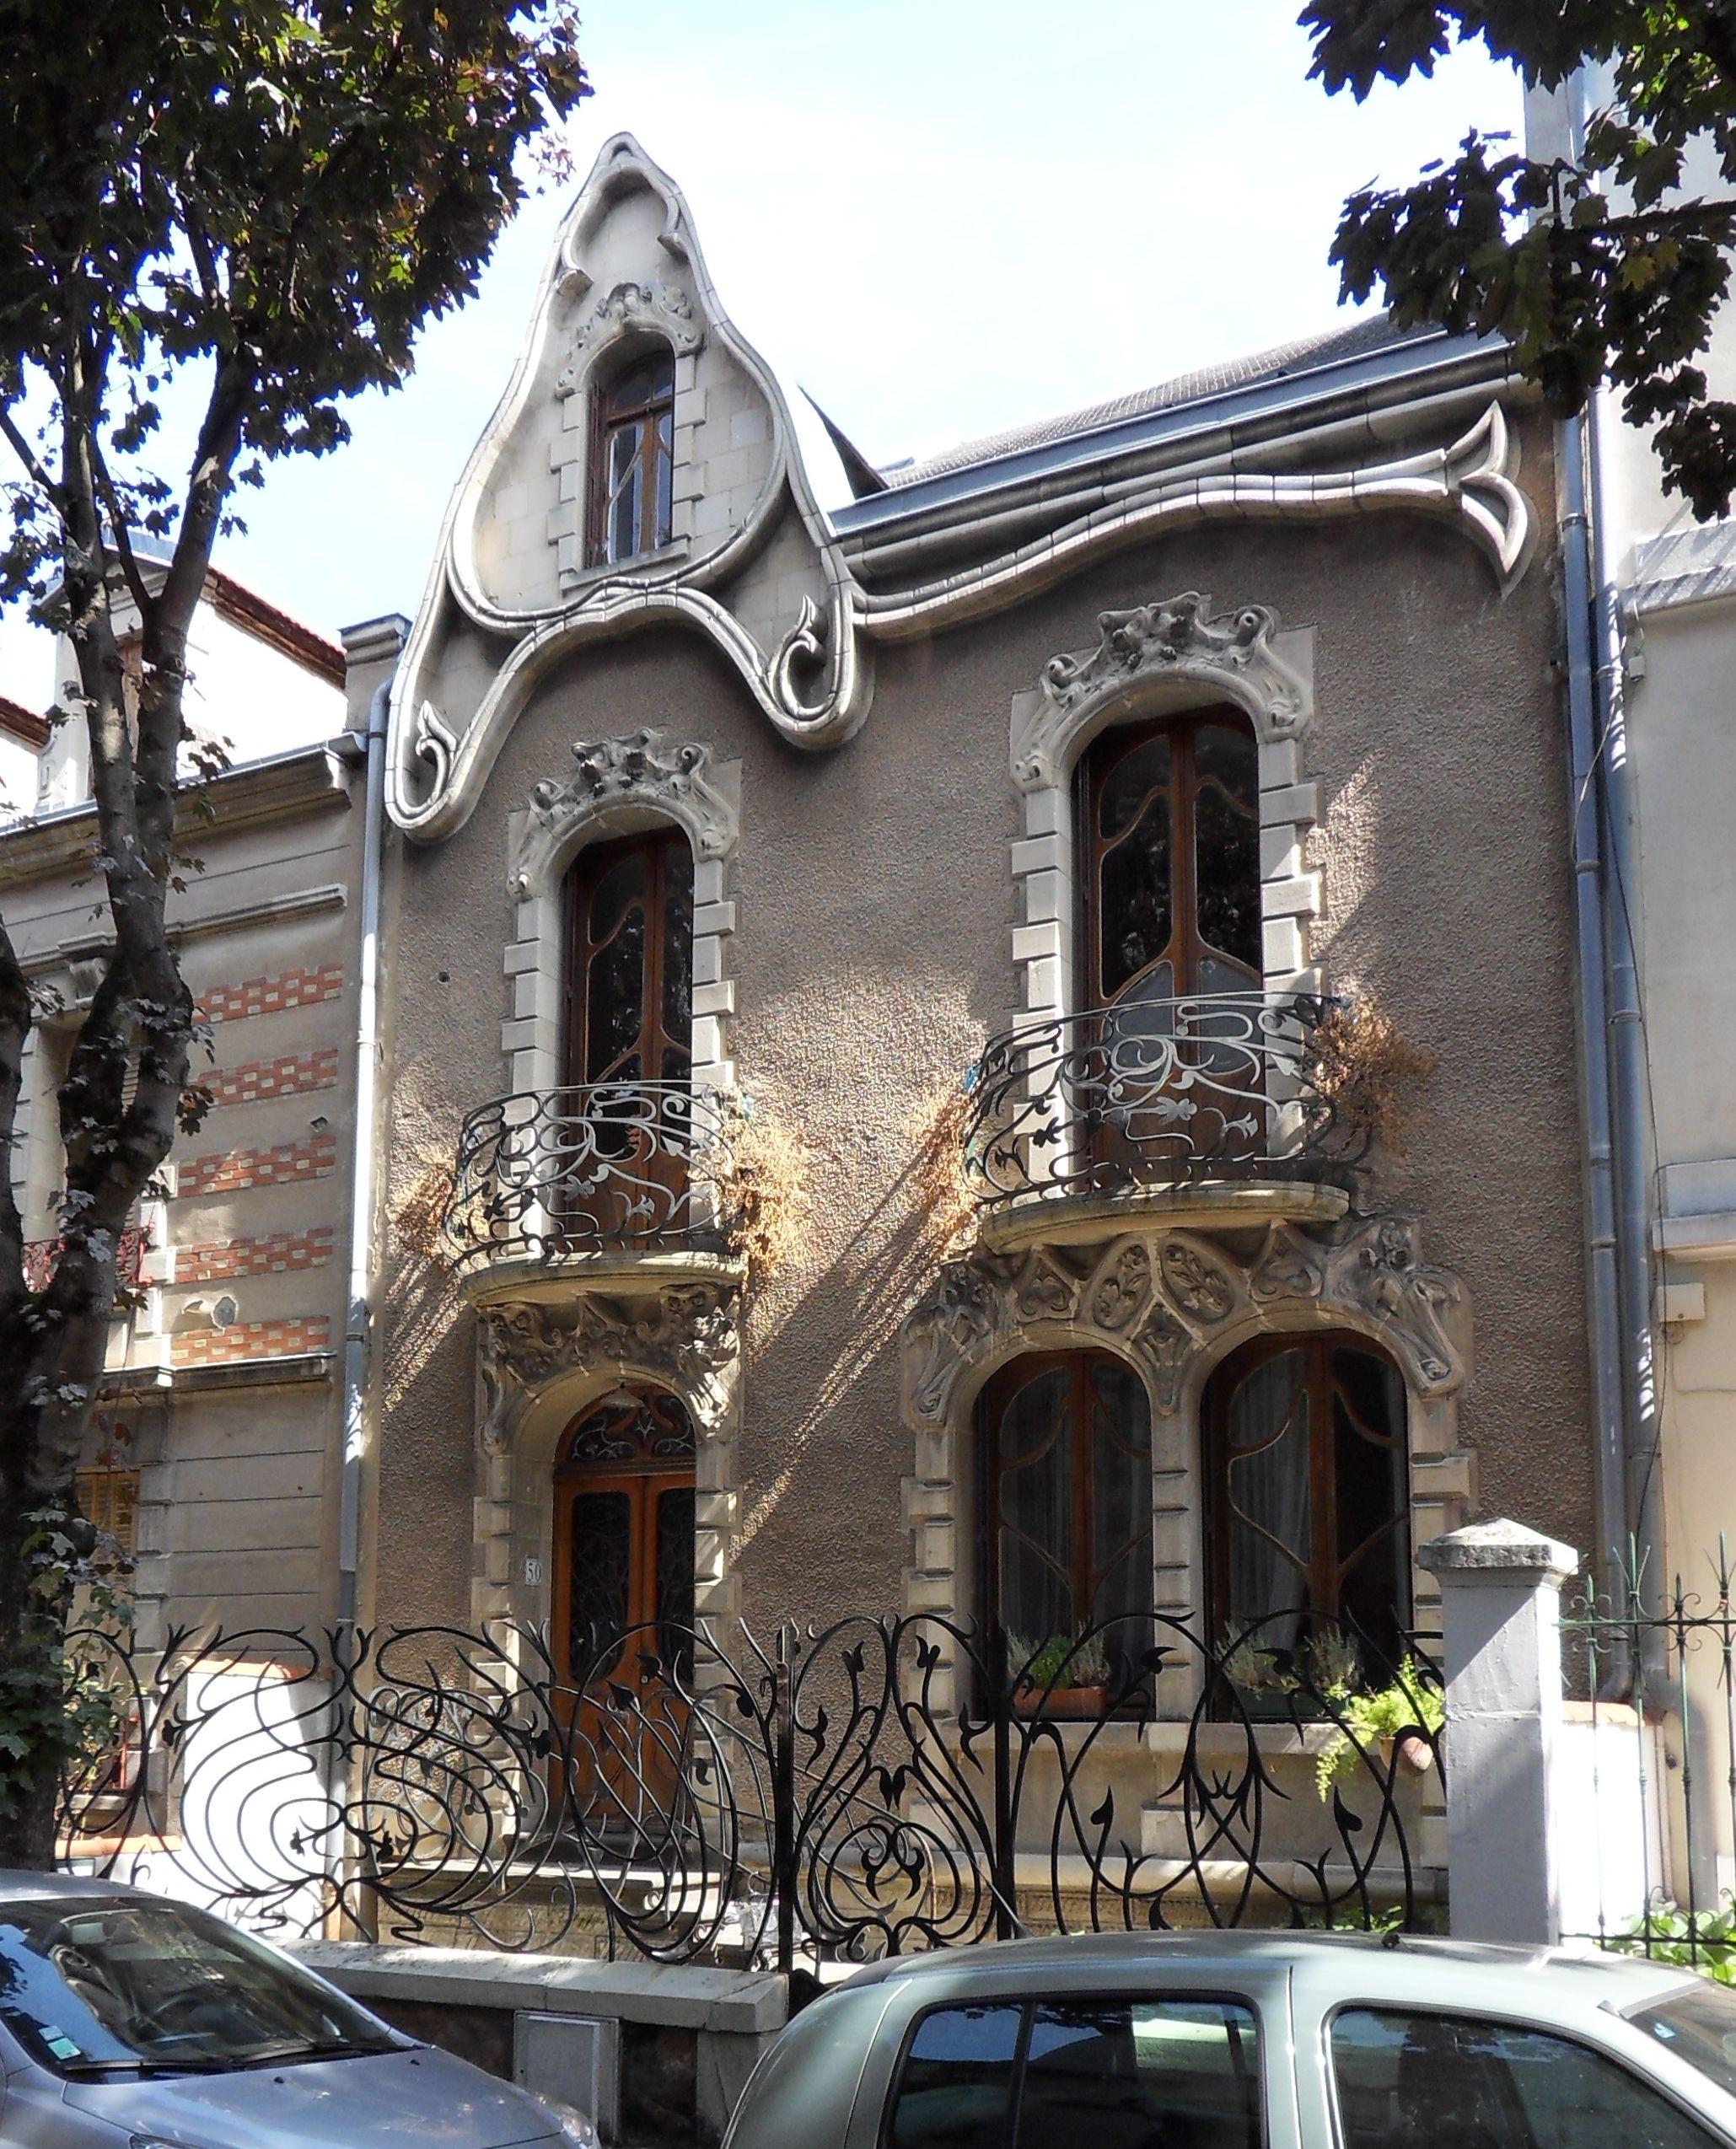 Maison art nouvea… | Art Nouveau/Jugendstil/Secessionist/Wiener